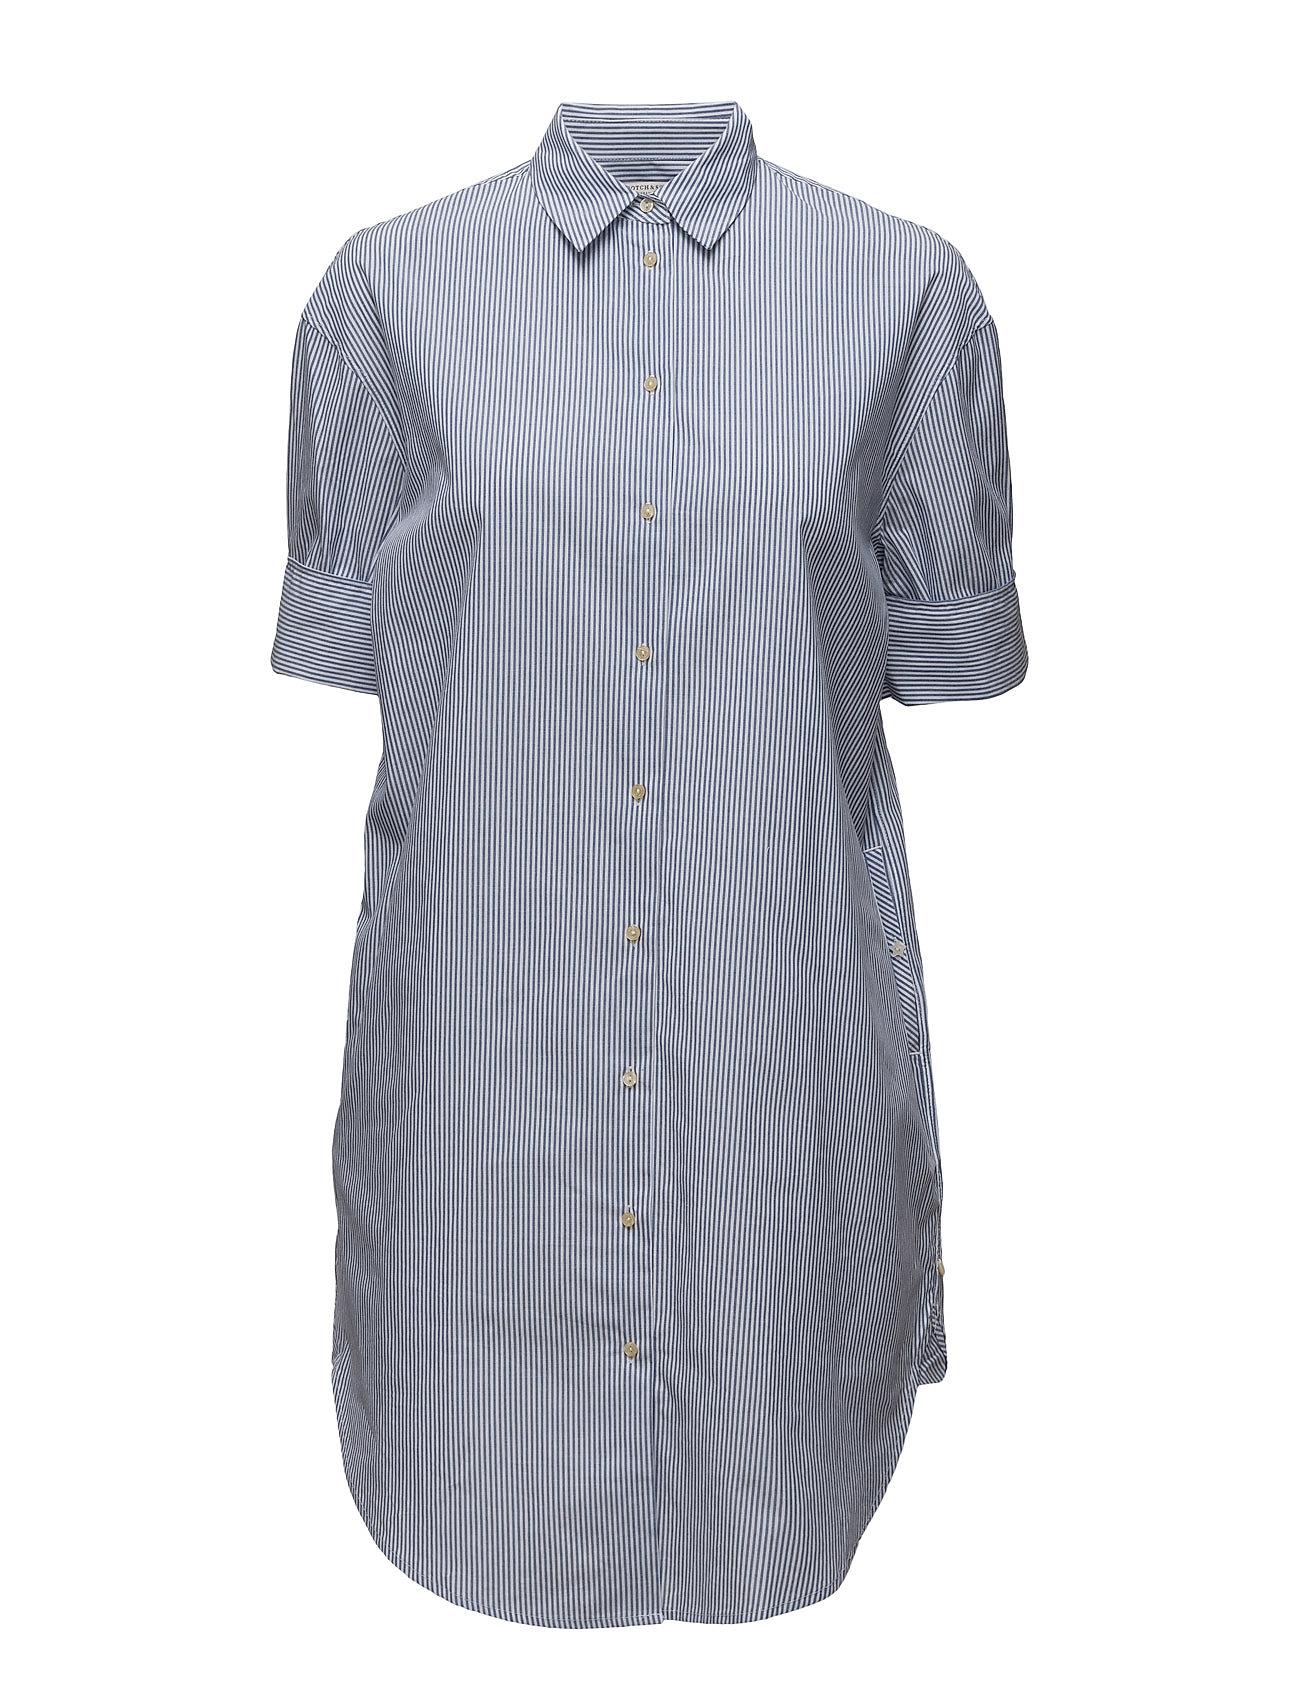 Clean Summer Longer Length Shirt Scotch & Soda Trøjer til Kvinder i Combo A